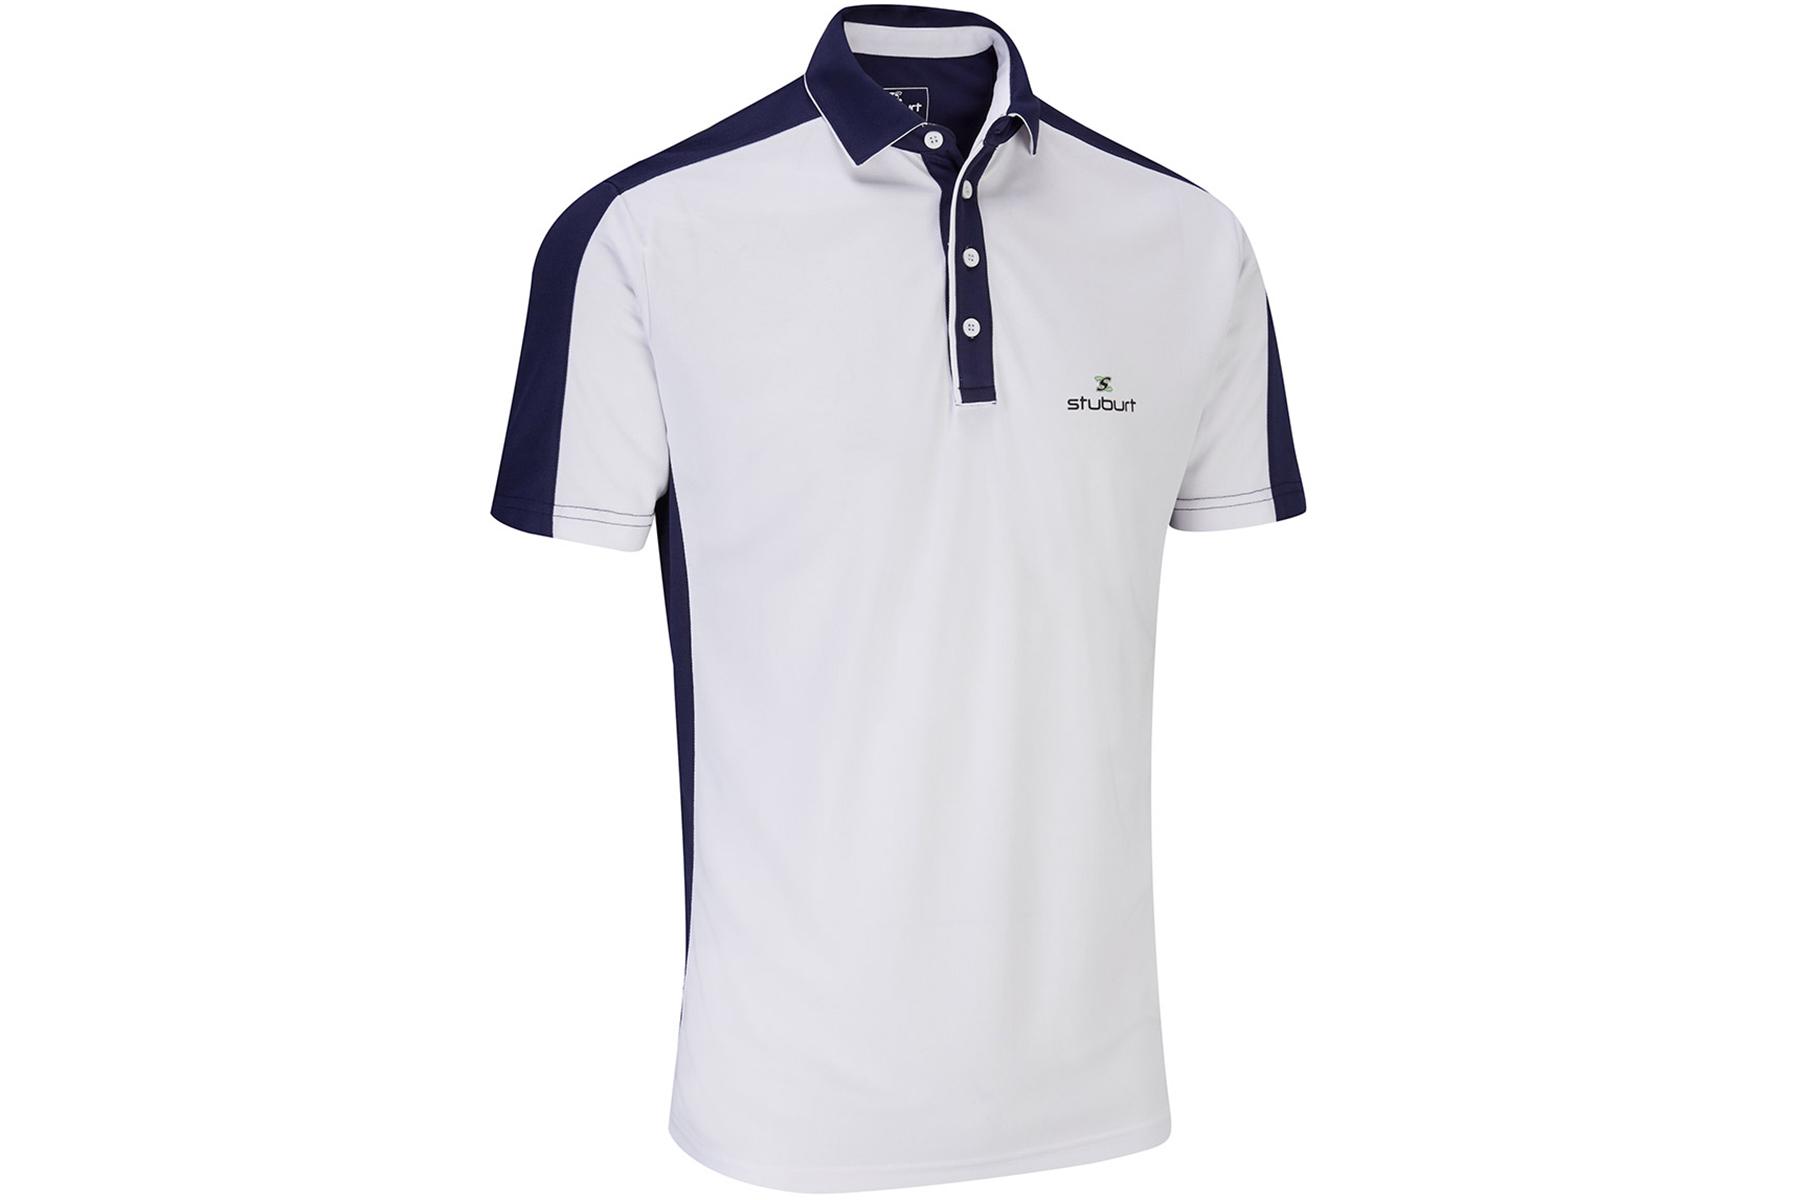 stuburt moisture wicking polo shirt online golf